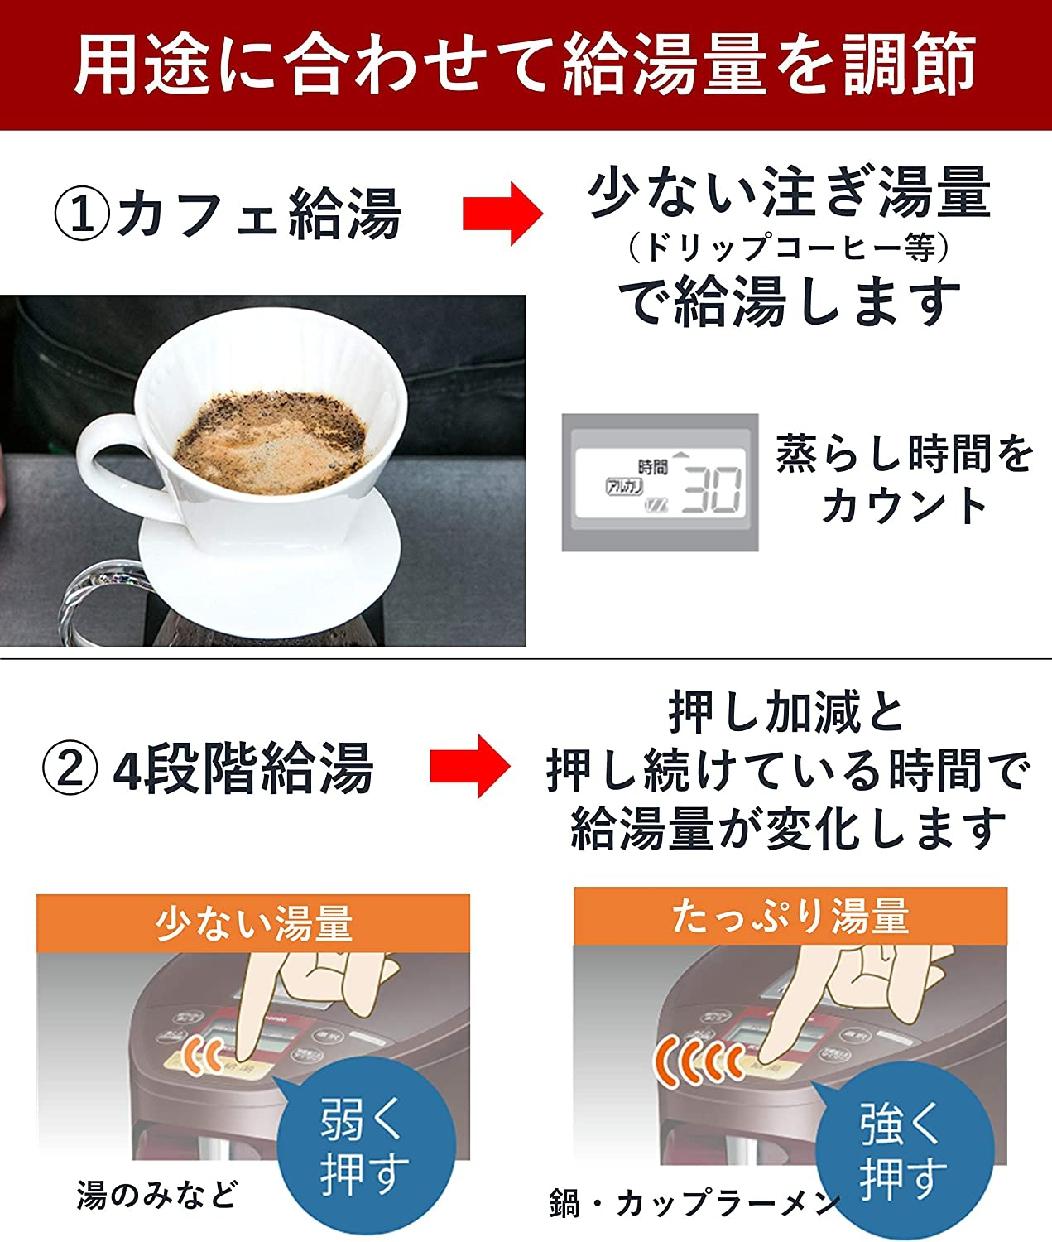 Panasonic(パナソニック)マイコン沸騰ジャーポット(ブラウン)NC-SU224-Tの商品画像5